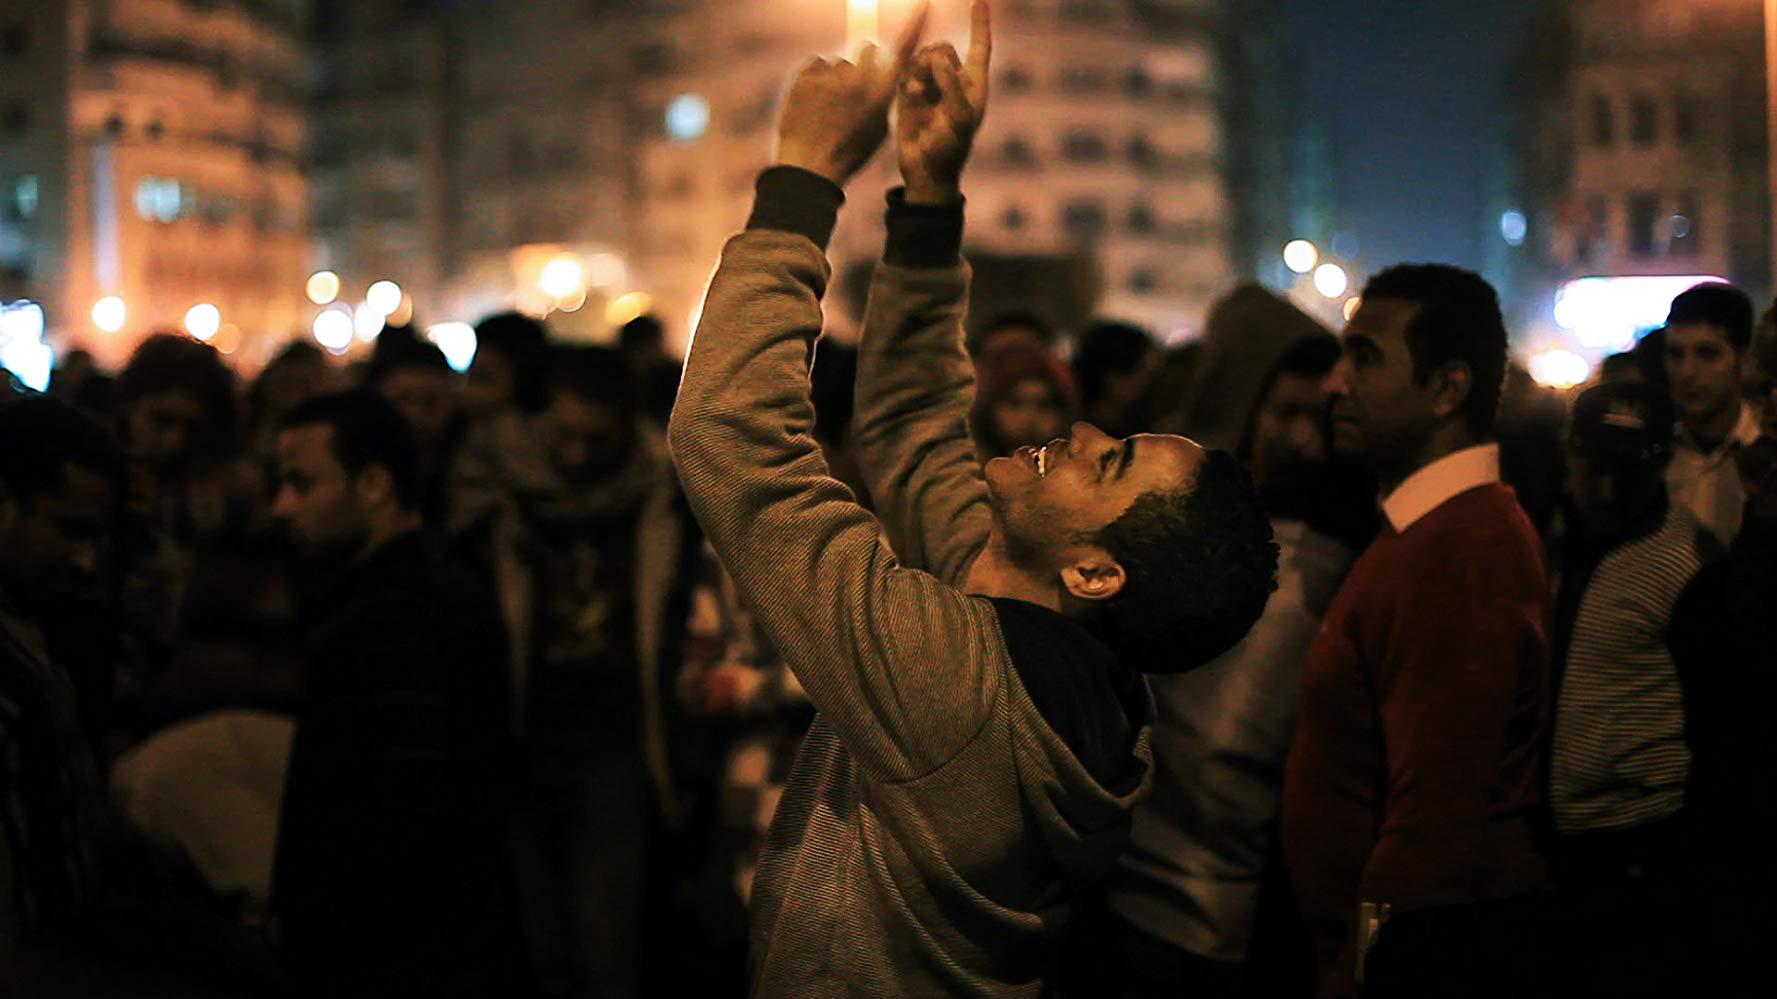 Başkaldırının Belgeseli: Al Midan (2013)